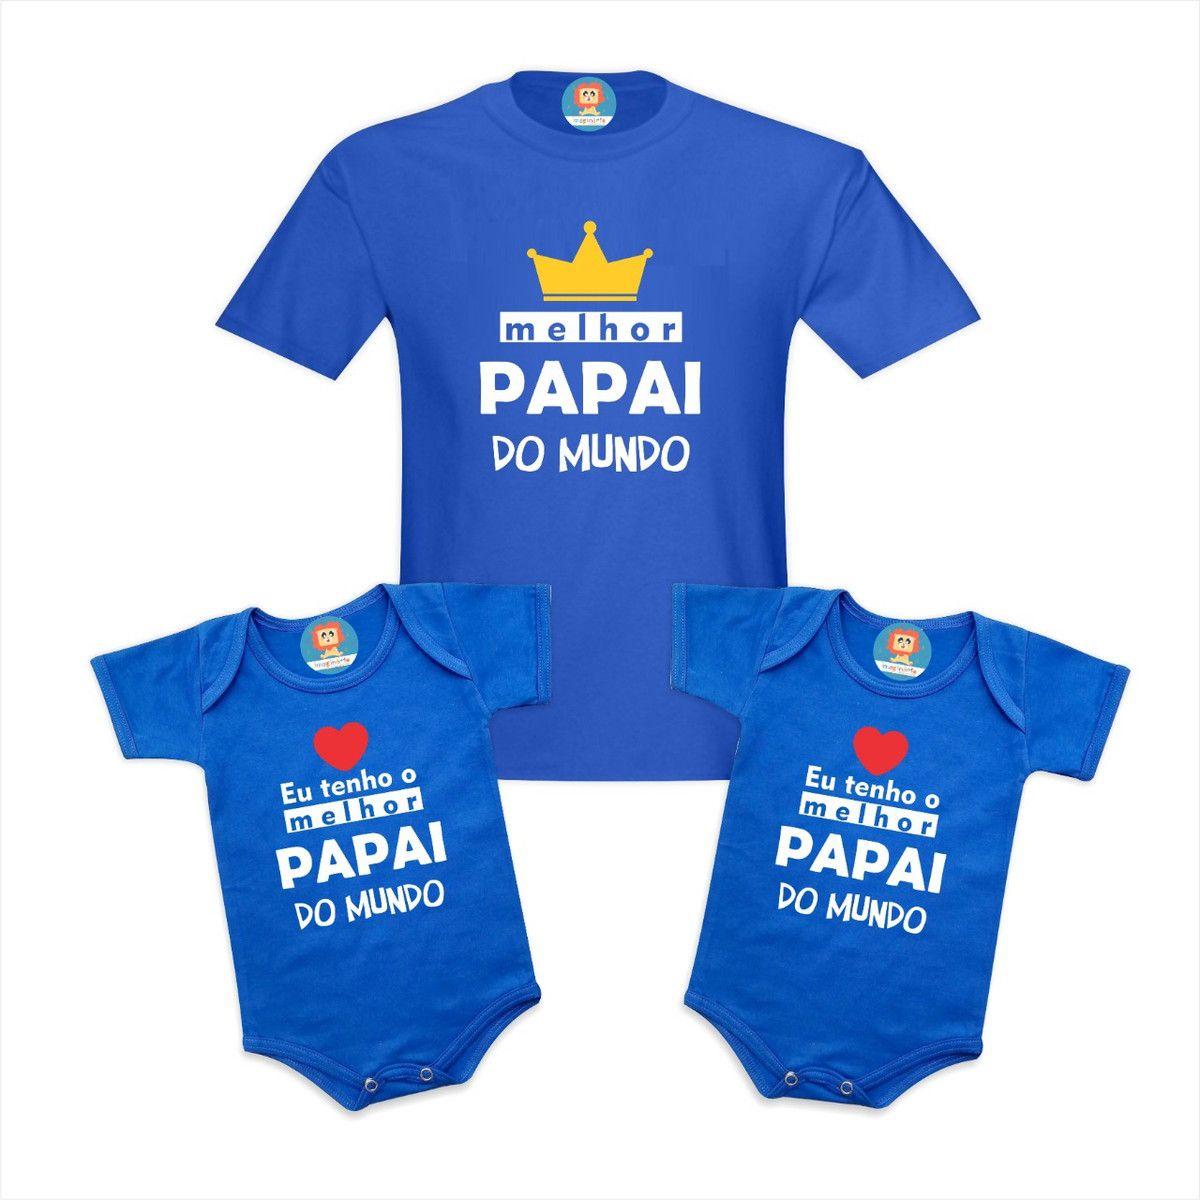 Kit Pai e Filhos Melhor Papai do Mundo Coroa e Corações